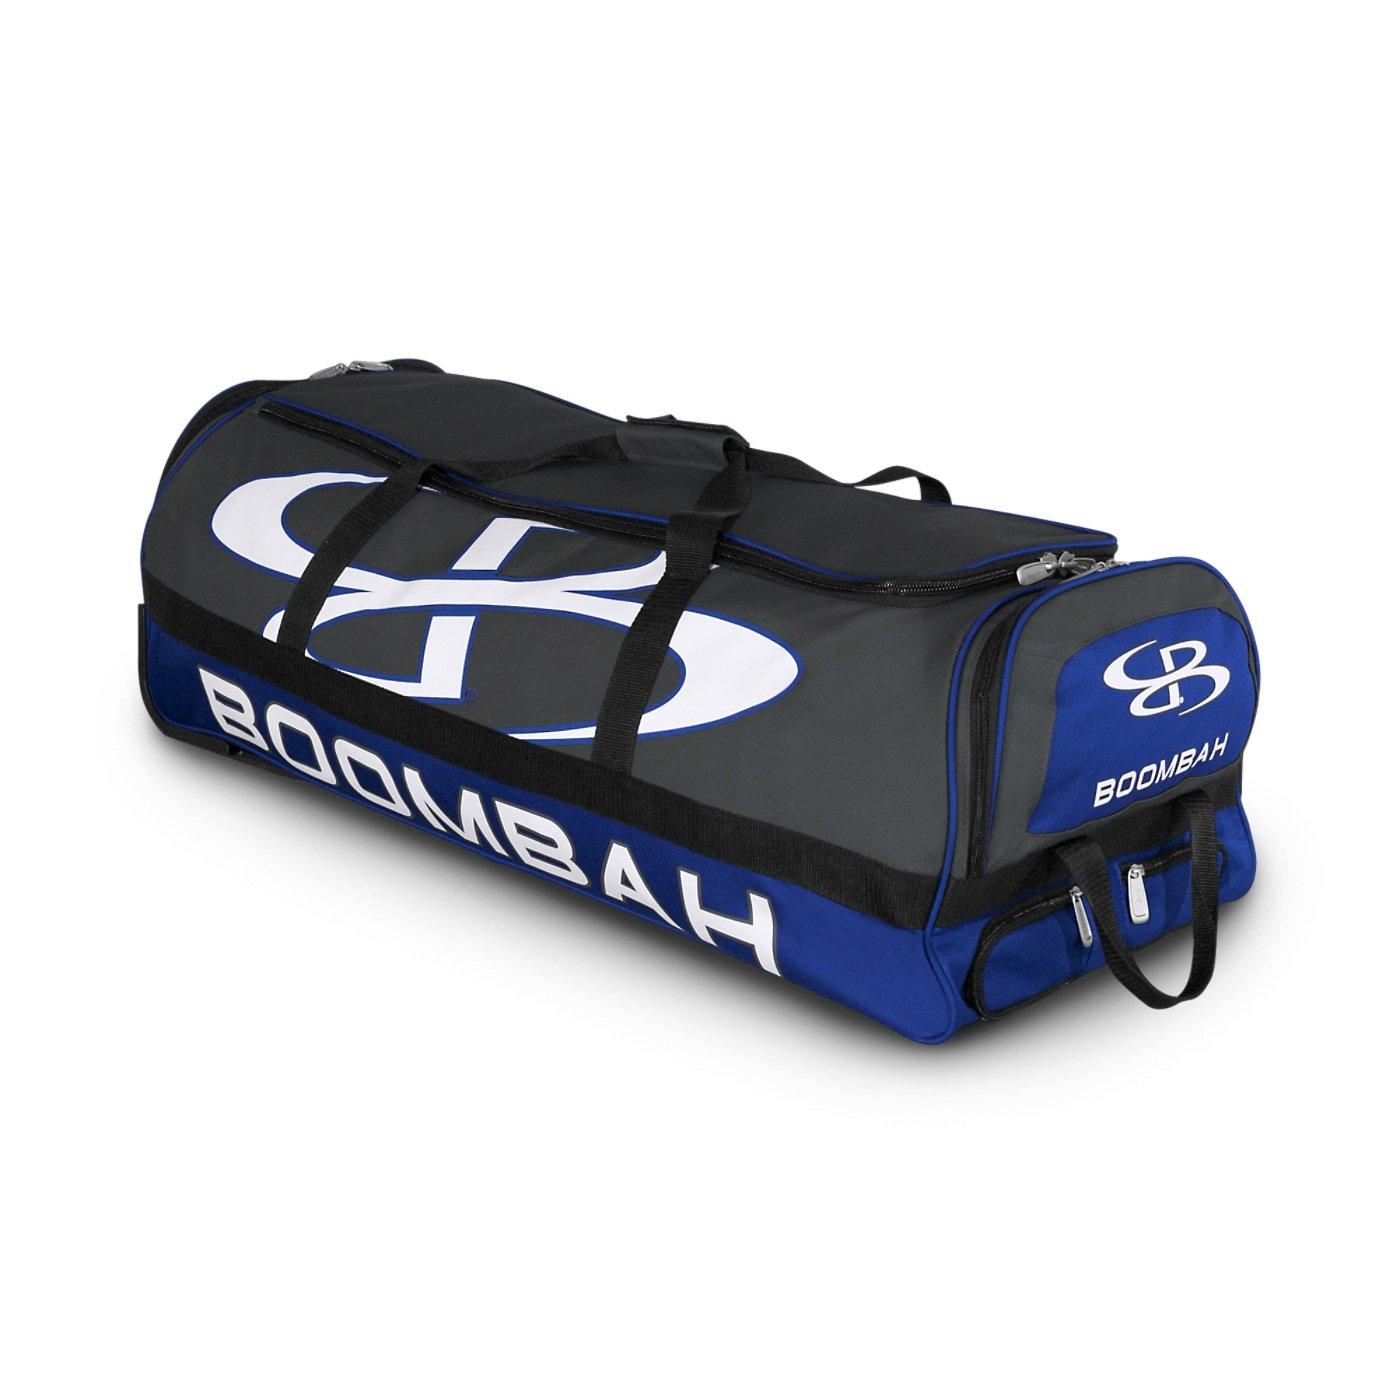 (ブームバー) Boombah Bruteシリーズ キャスター付きバットケース 野球ソフトボール用 35×15×12–1/2インチ 49色展開 4本のバットと用具を収納可能 B01MXRXI03 Dark Charcoal/Royal Dark Charcoal/Royal